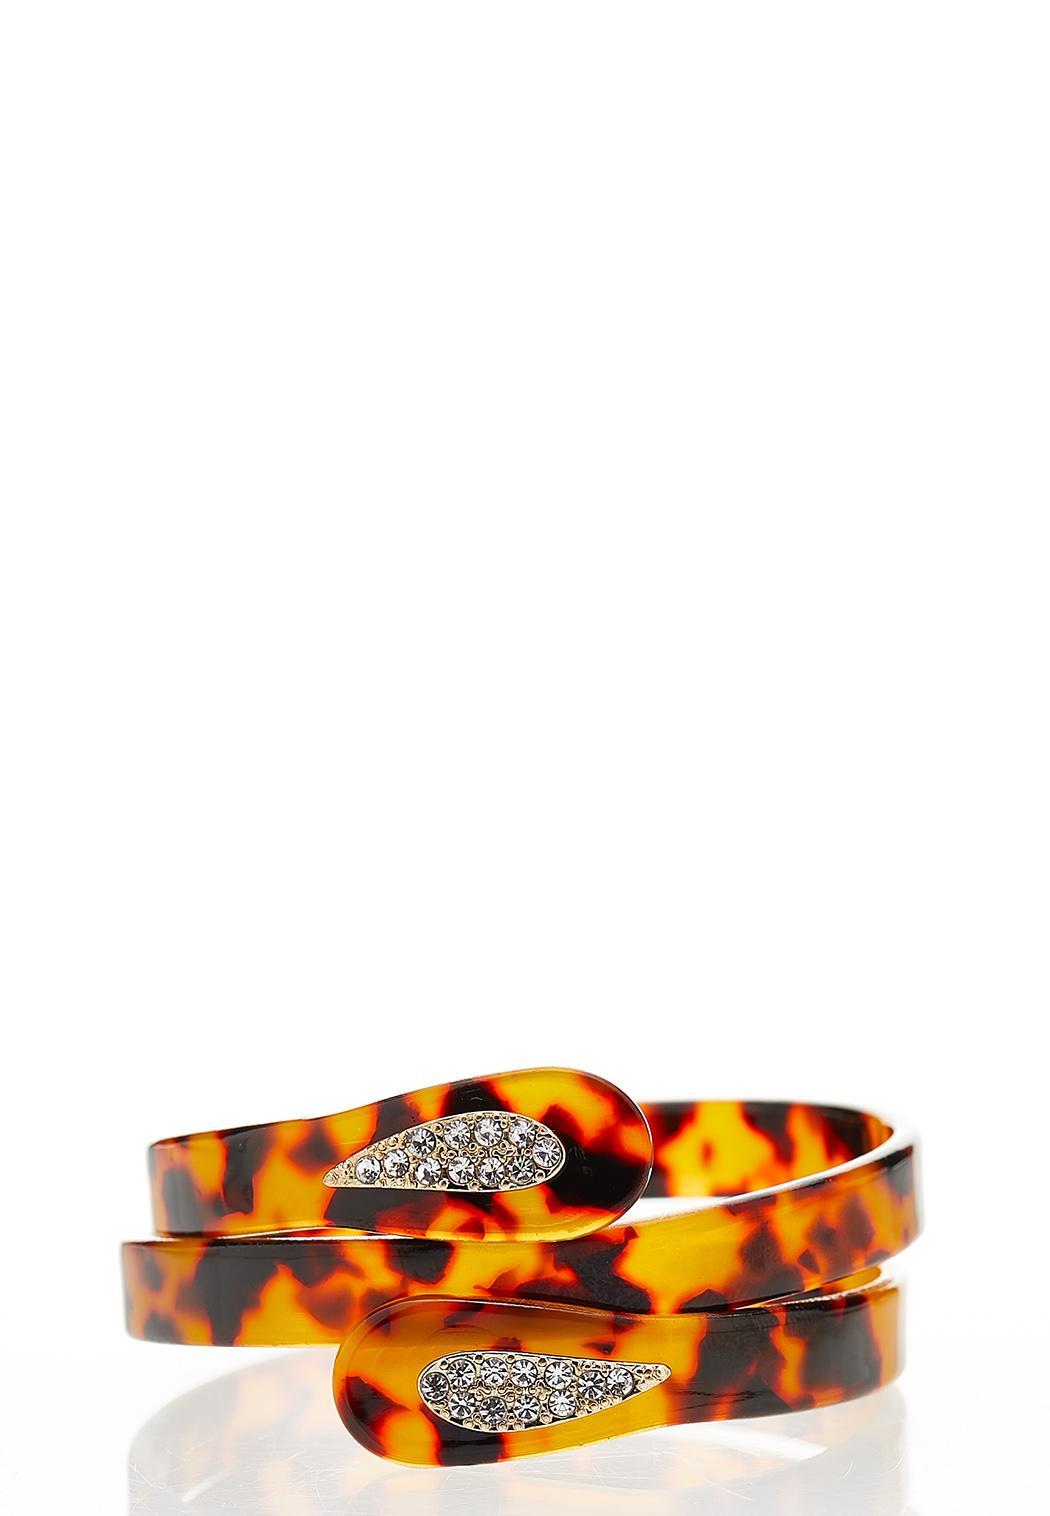 Lucite Coil Bracelet